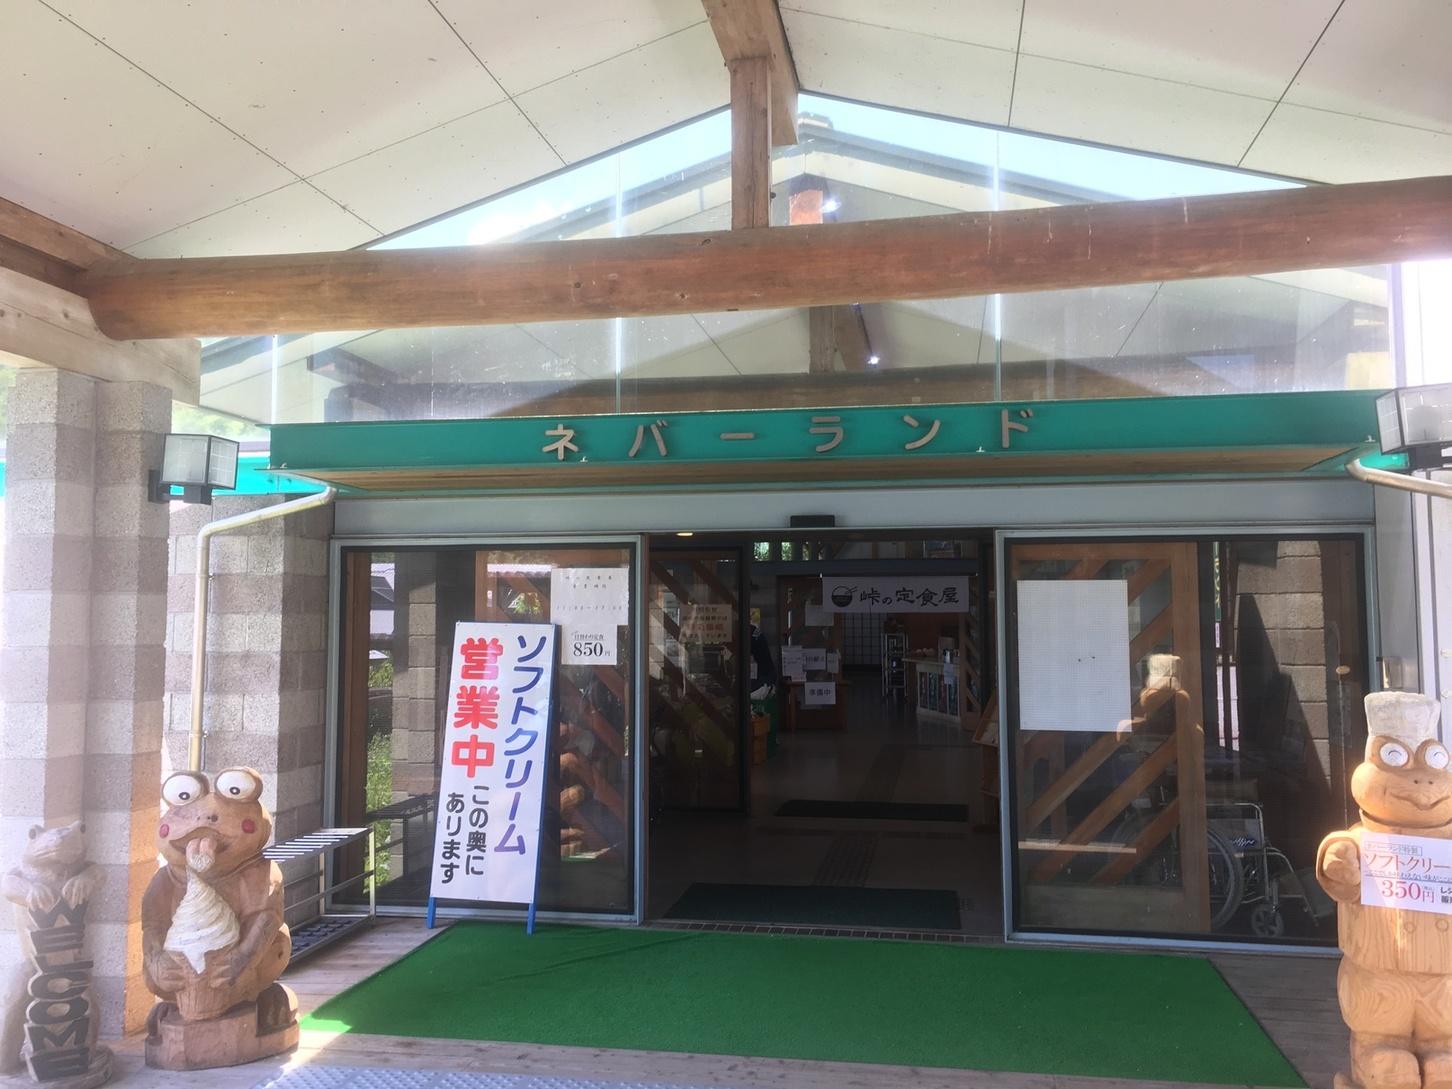 ネバーランドふるさとレストラン name=